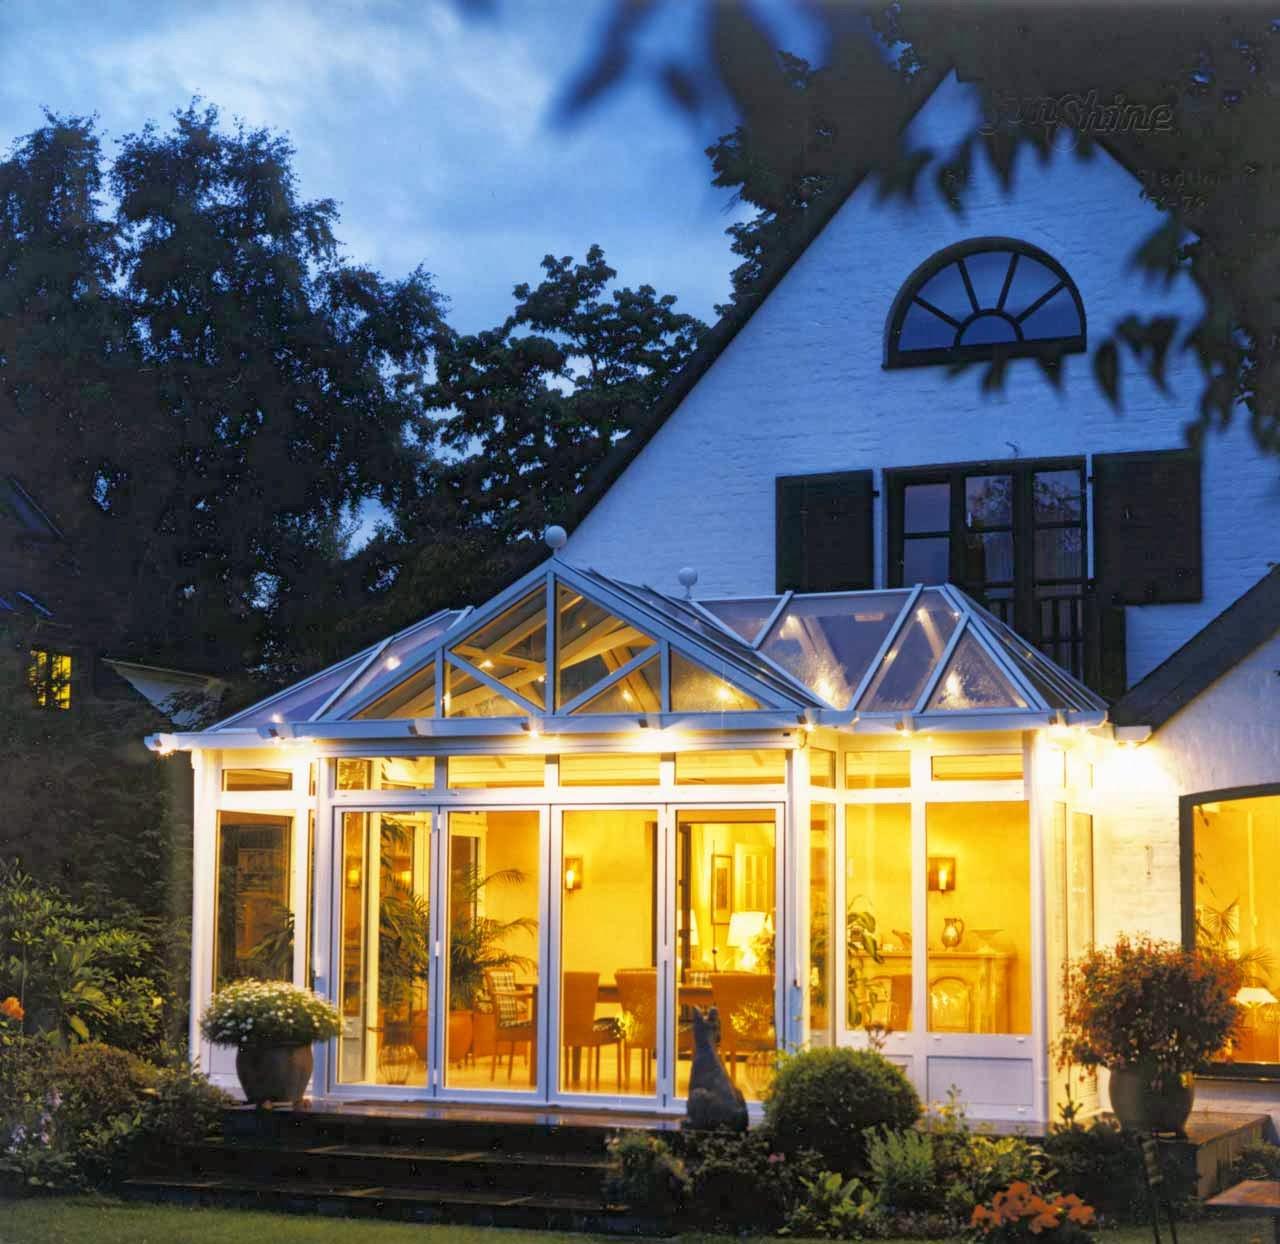 sunshine wintergarten stimmungsvolle beleuchtung im wintergarte. Black Bedroom Furniture Sets. Home Design Ideas